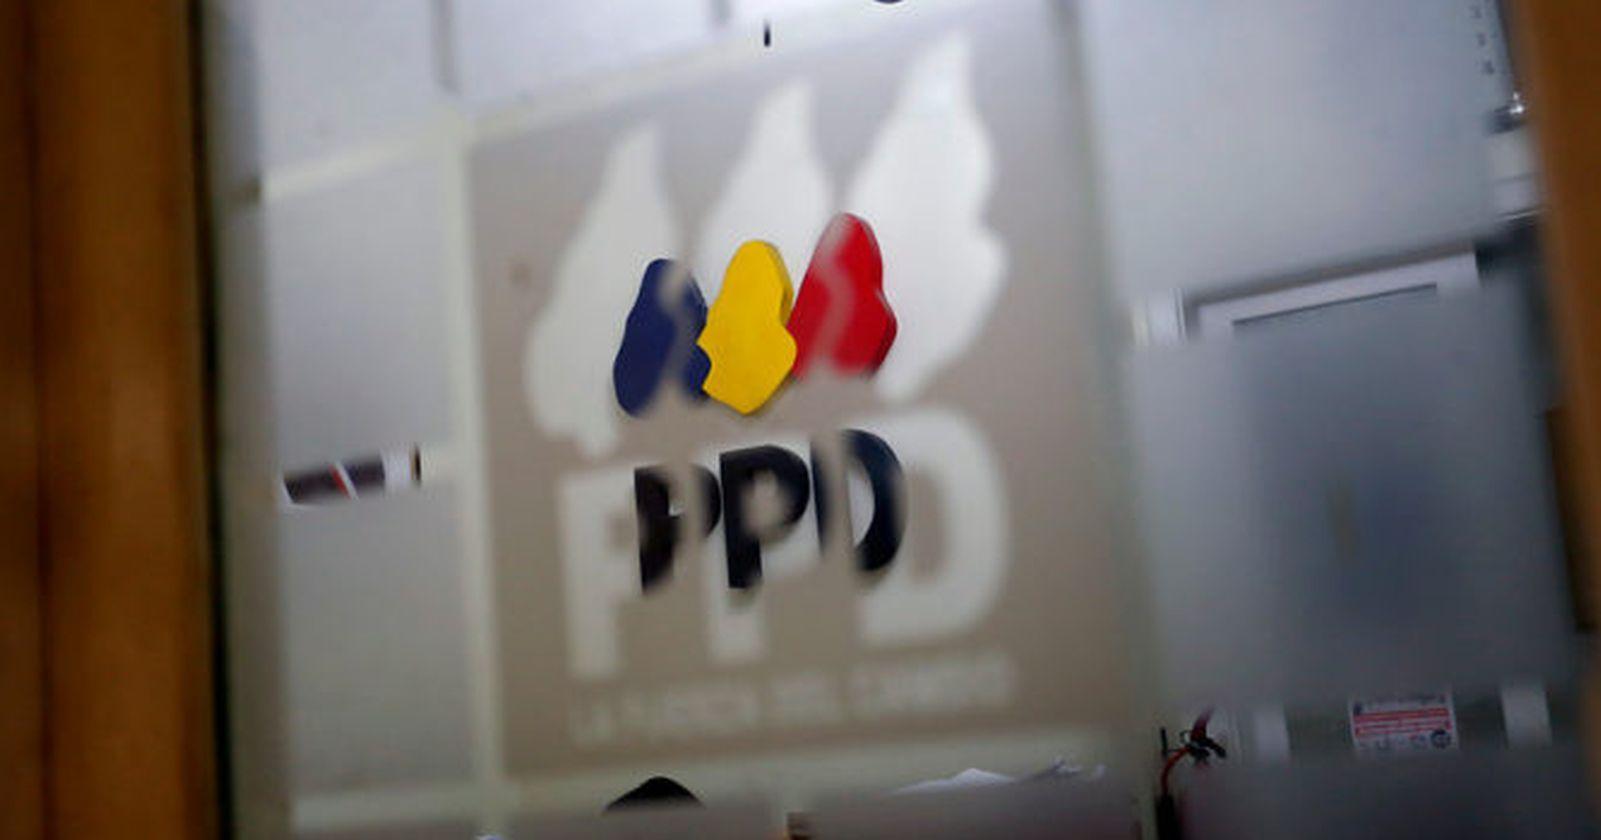 Dirigentes del PPD plantean opción de que Congreso elija al Presidente en segunda vuelta